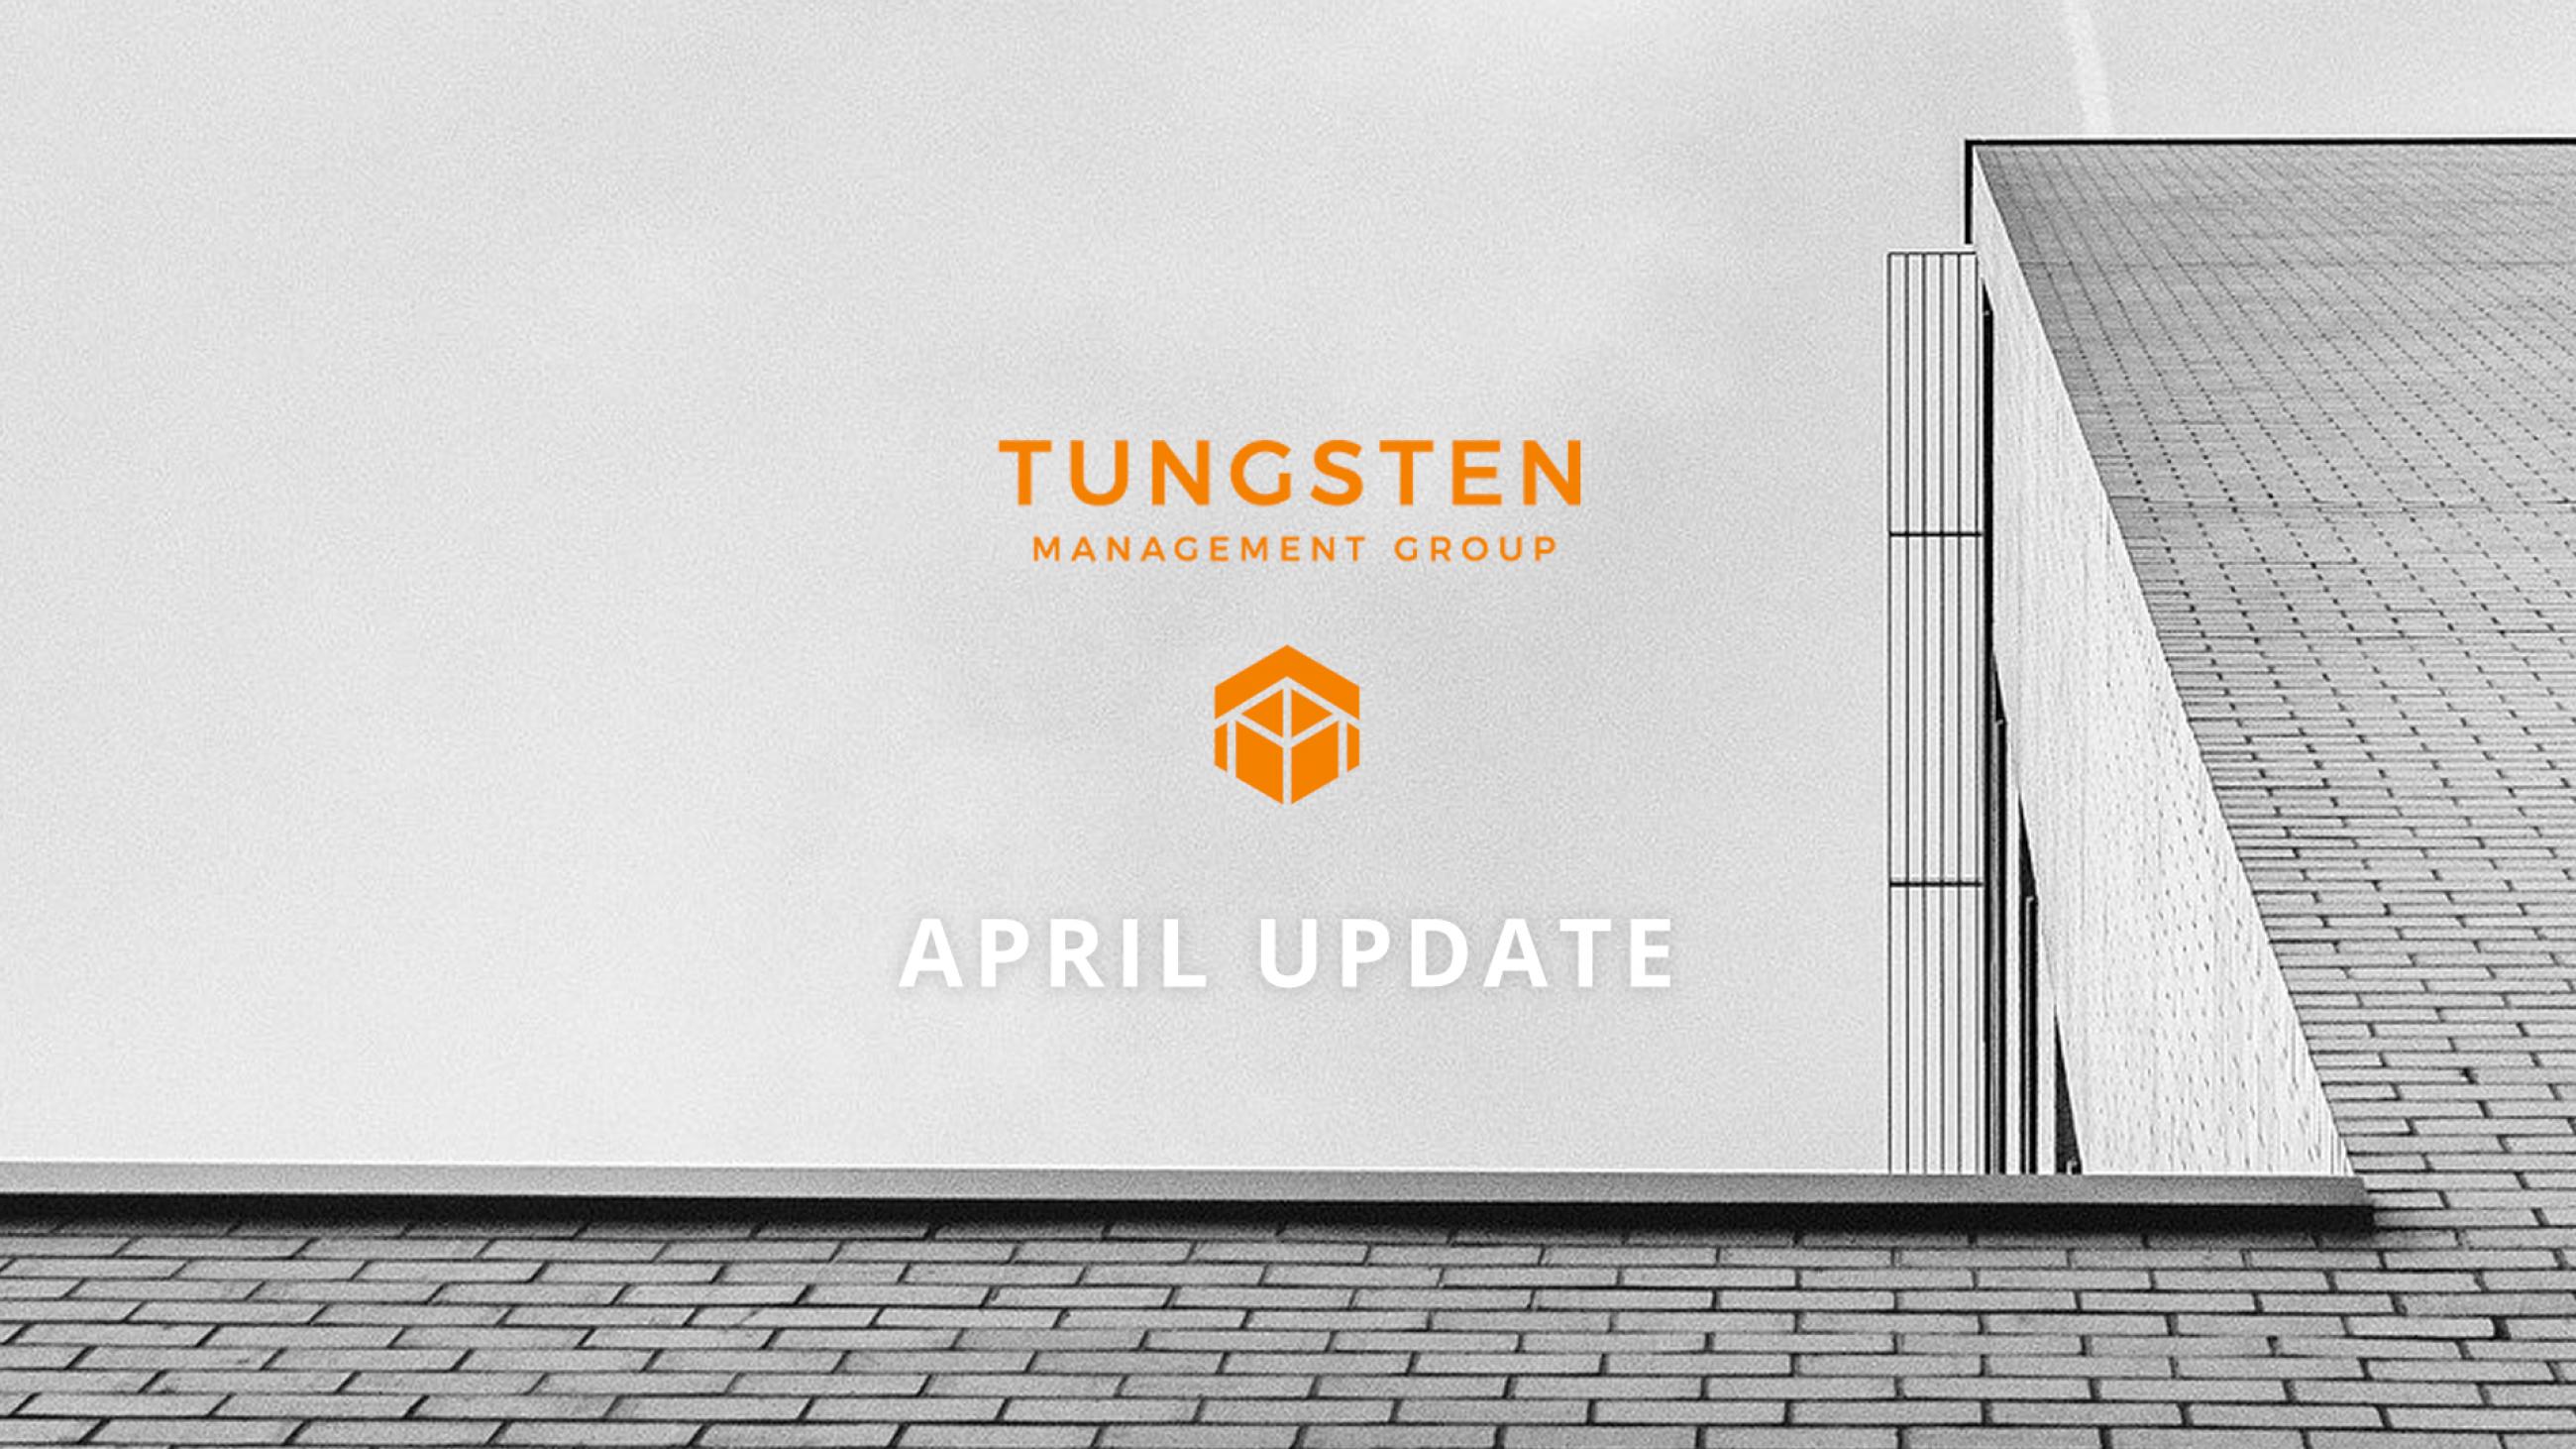 Tungsten Management Group Update Part Twenty Nine